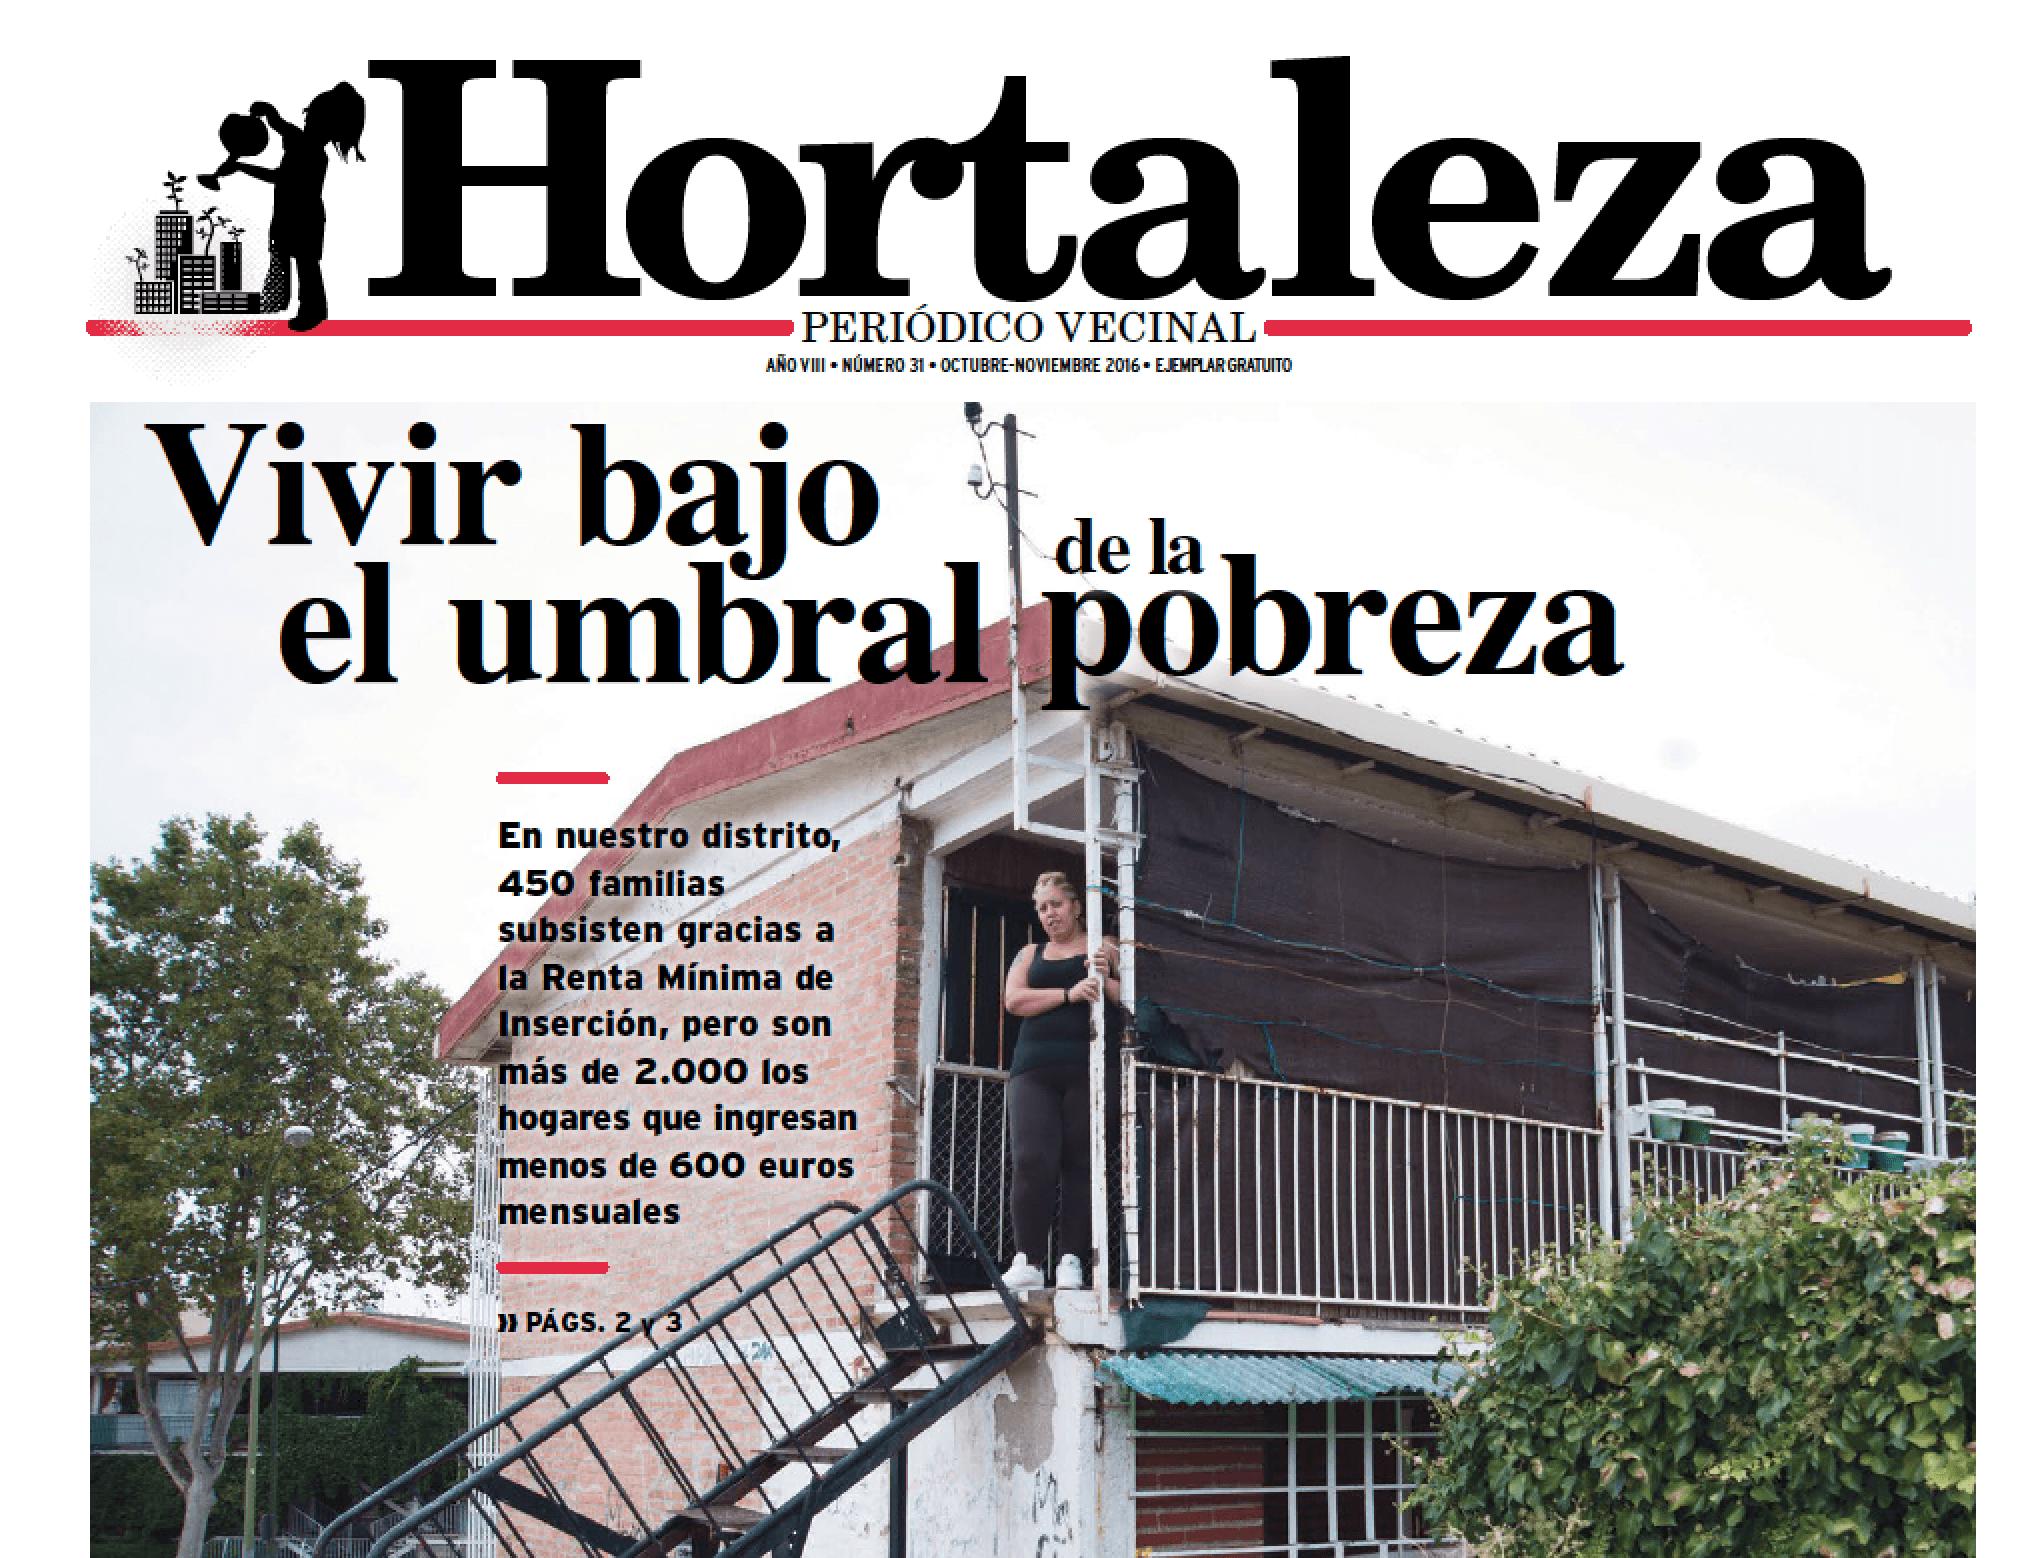 Campaña RMI en el periódico Hortaleza vecinal